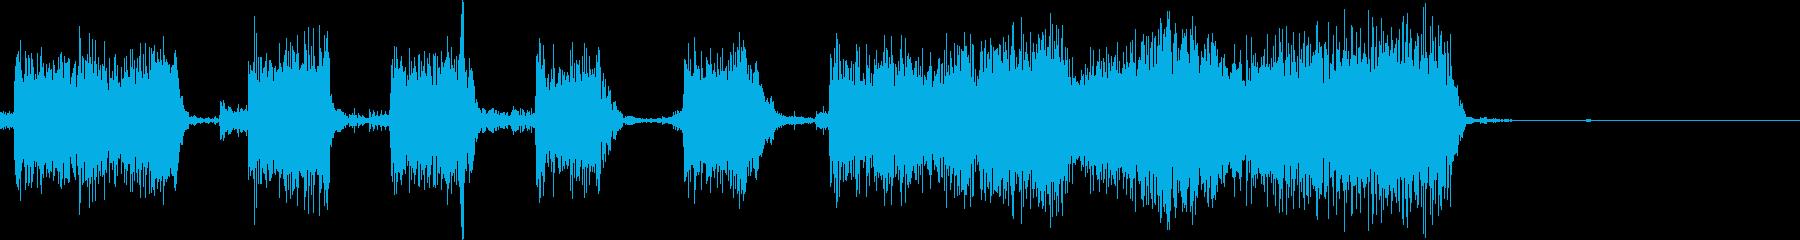 ★ジングル★70'Sロックギターリフの再生済みの波形